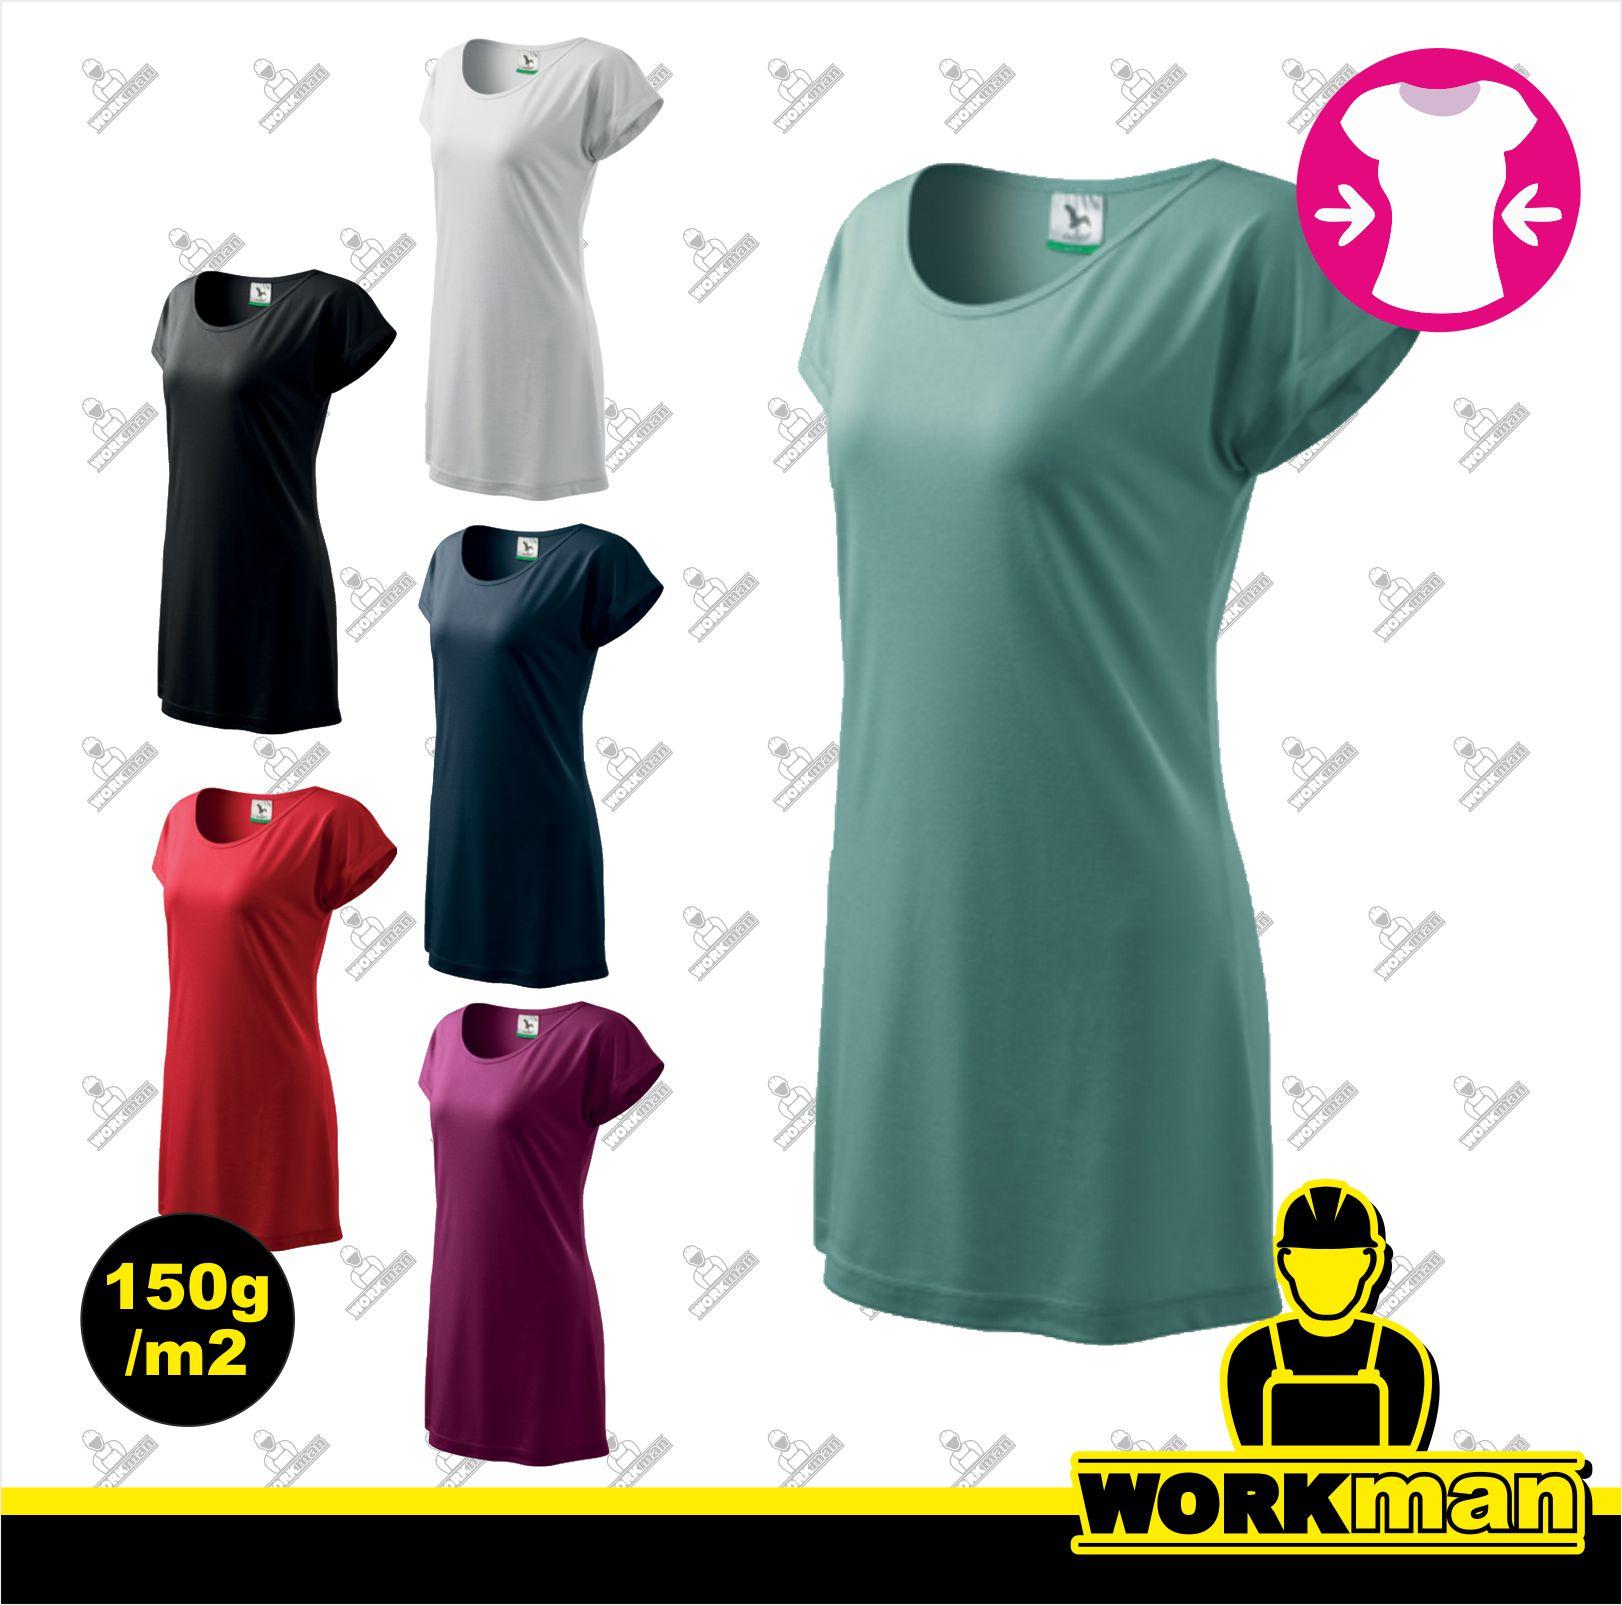 ff6b00c5a0 Tričko šaty dámske LOVE Adler Pracovné odevy WORKMAN